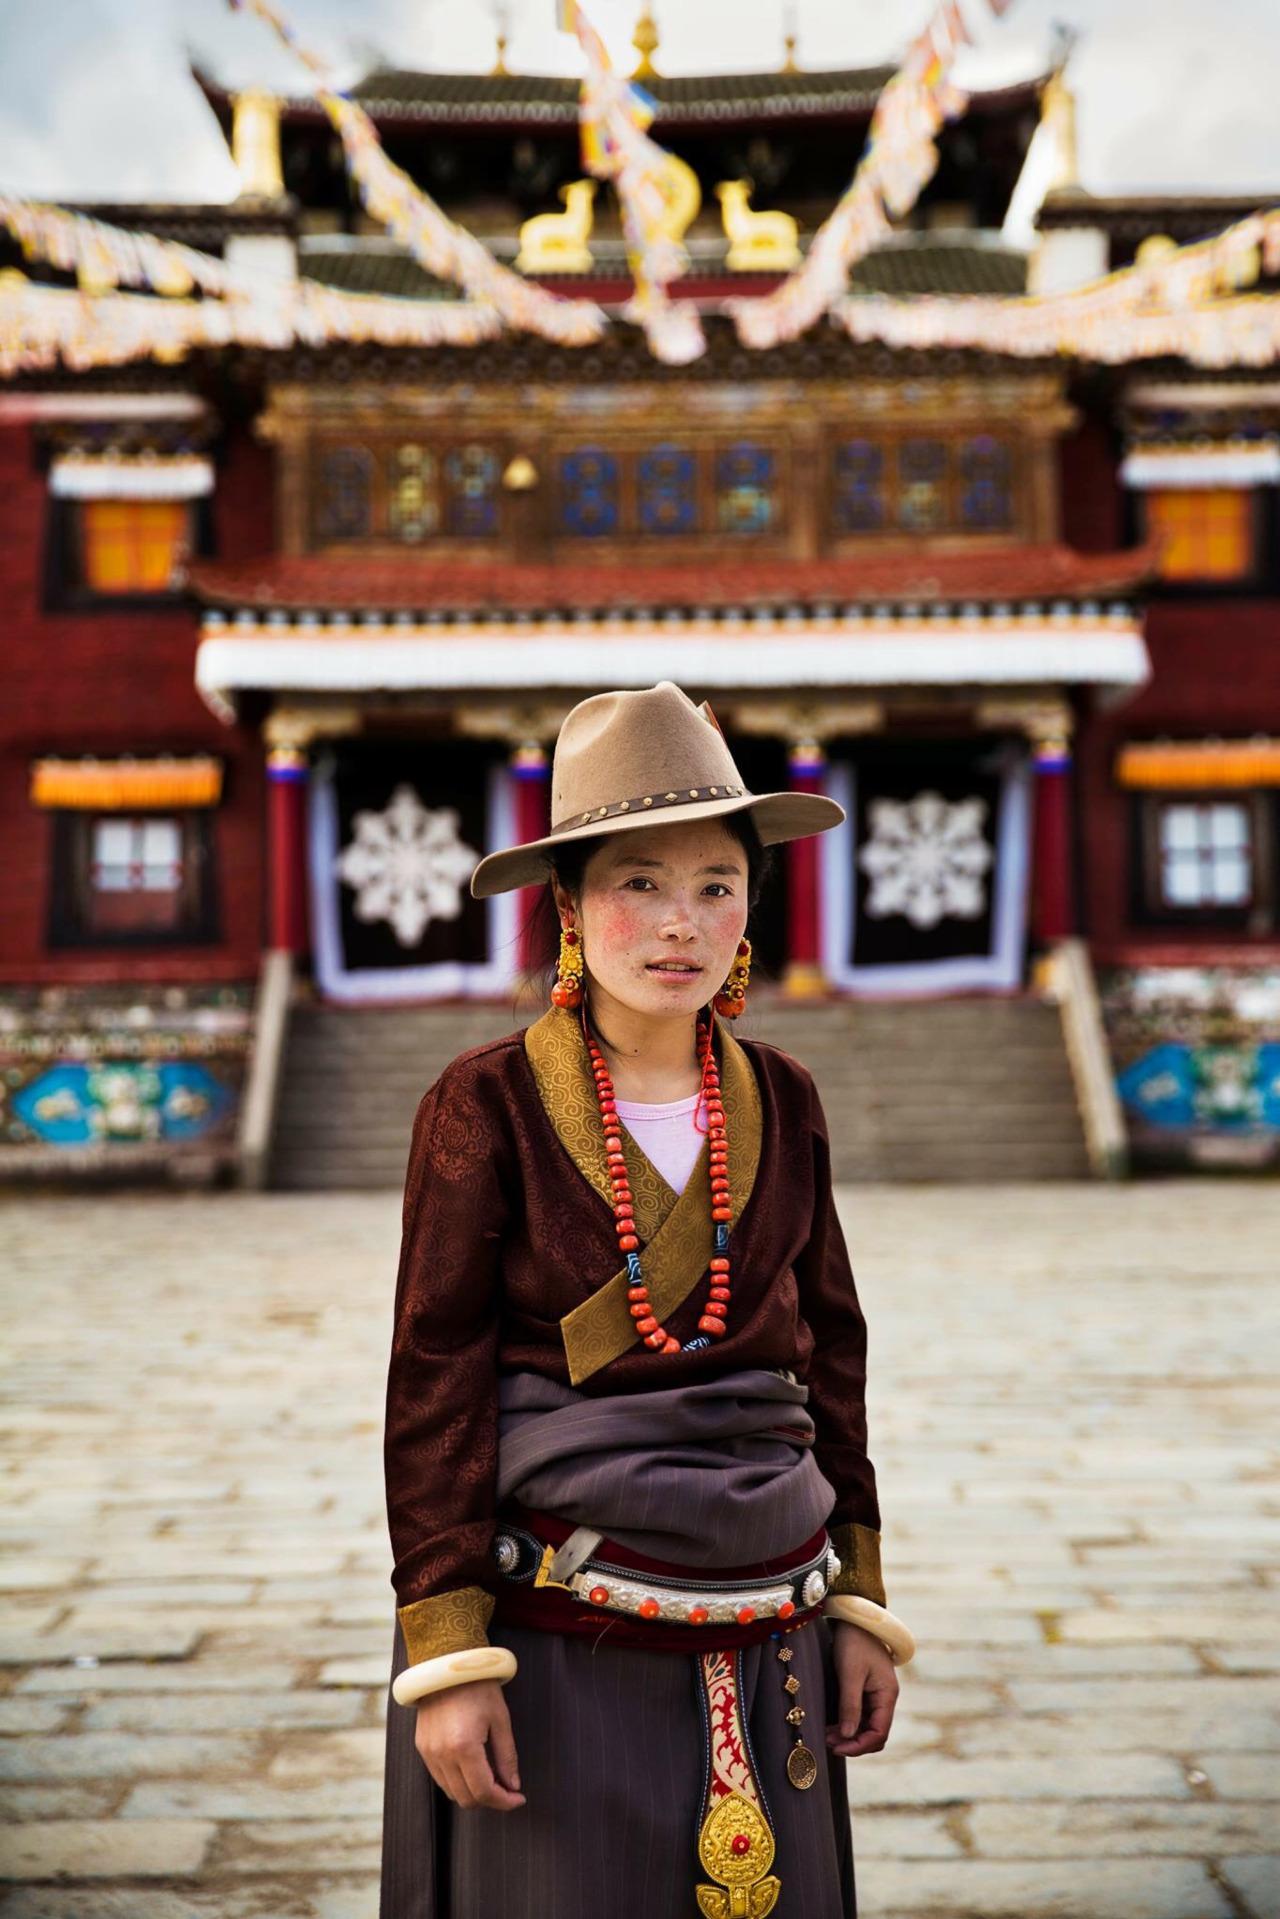 tibet - 2015